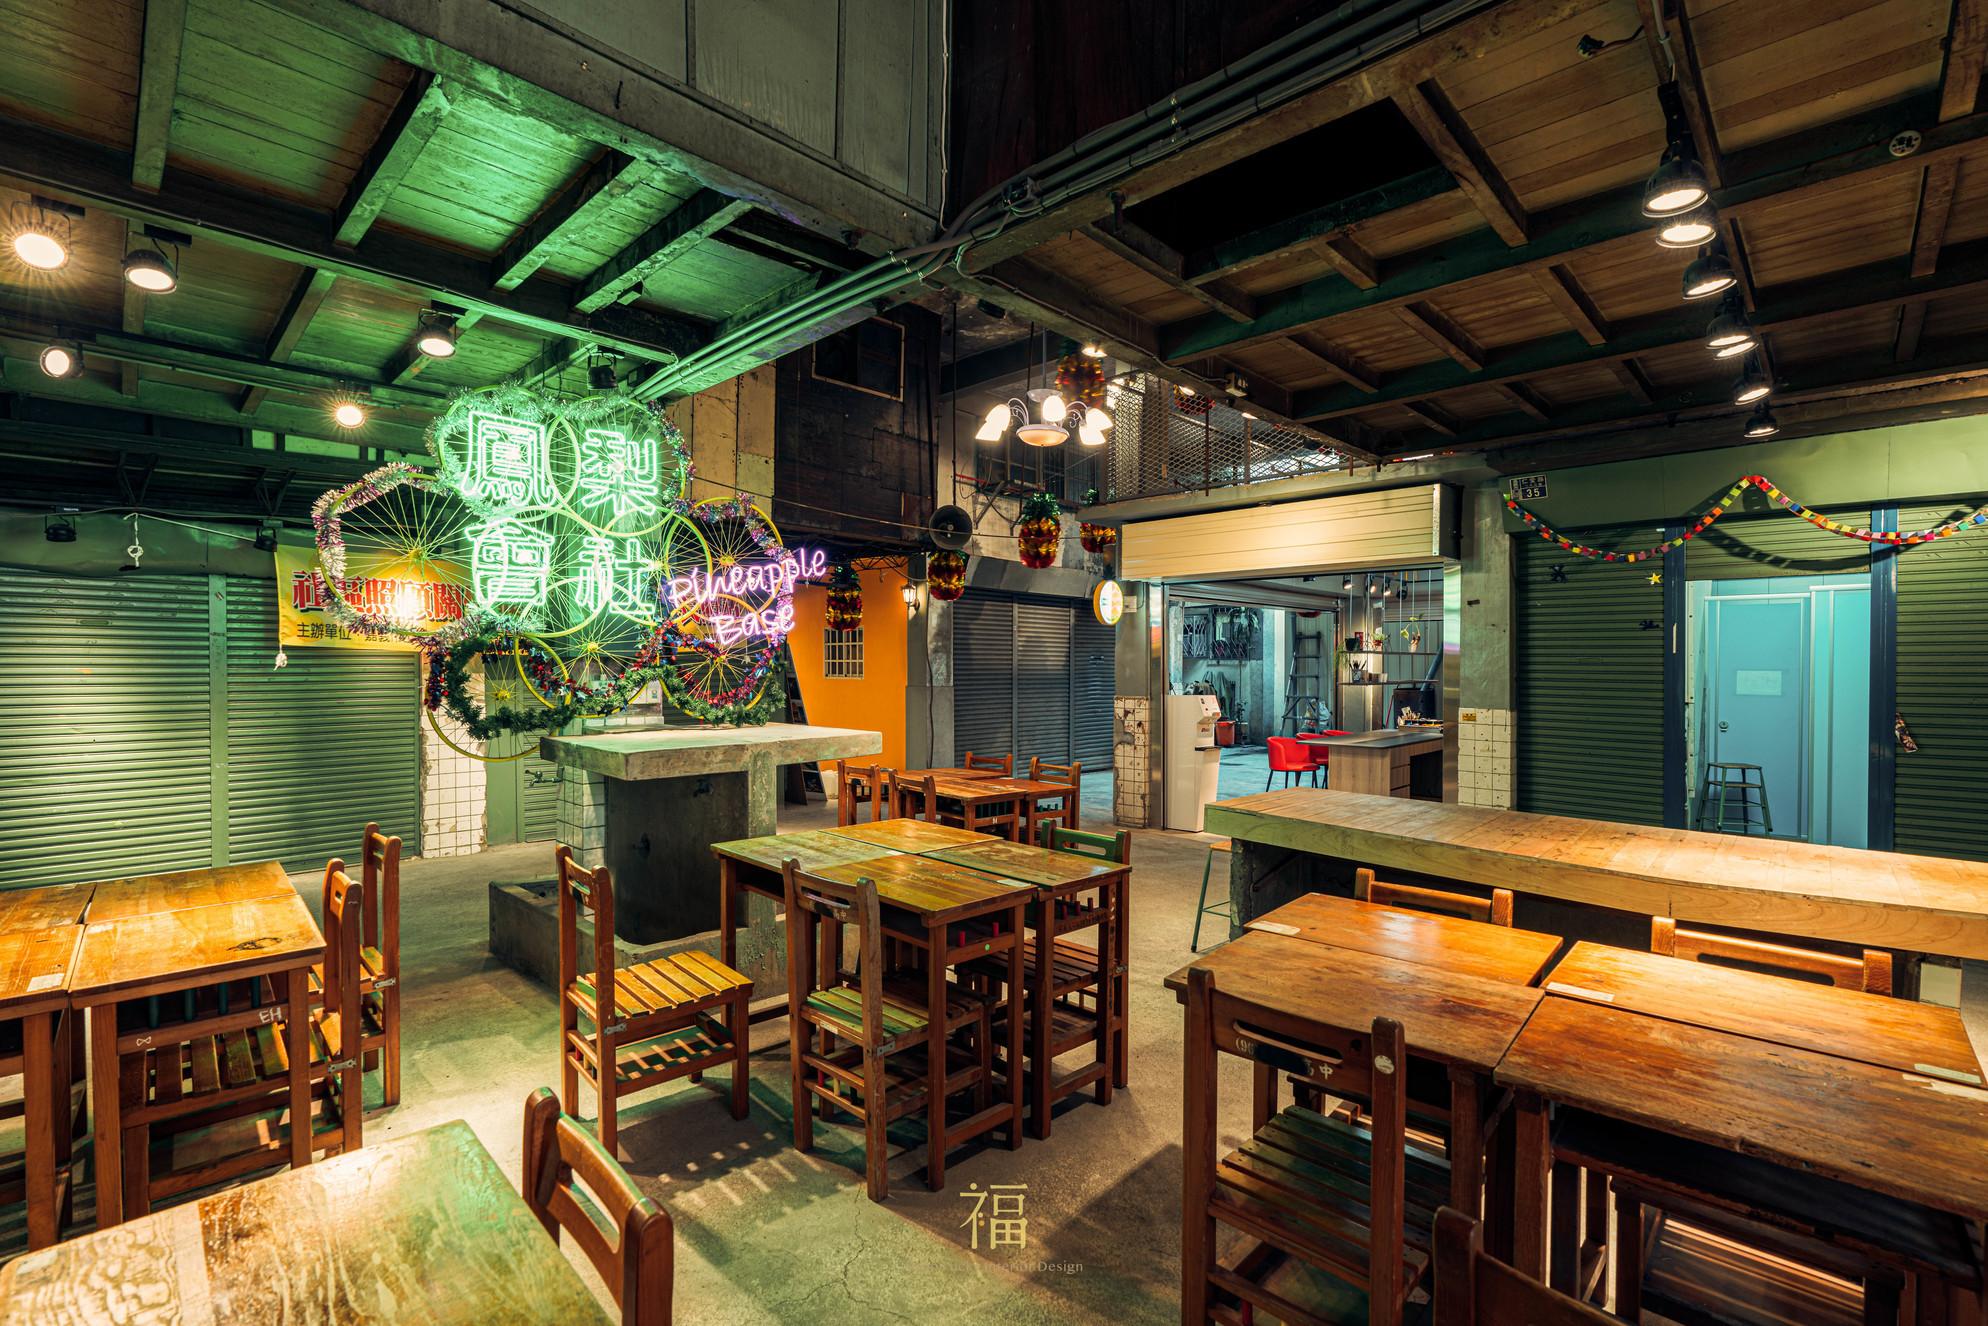 鳳梨會社5點0-多功能場域應用|小福砌社區空間規劃設計